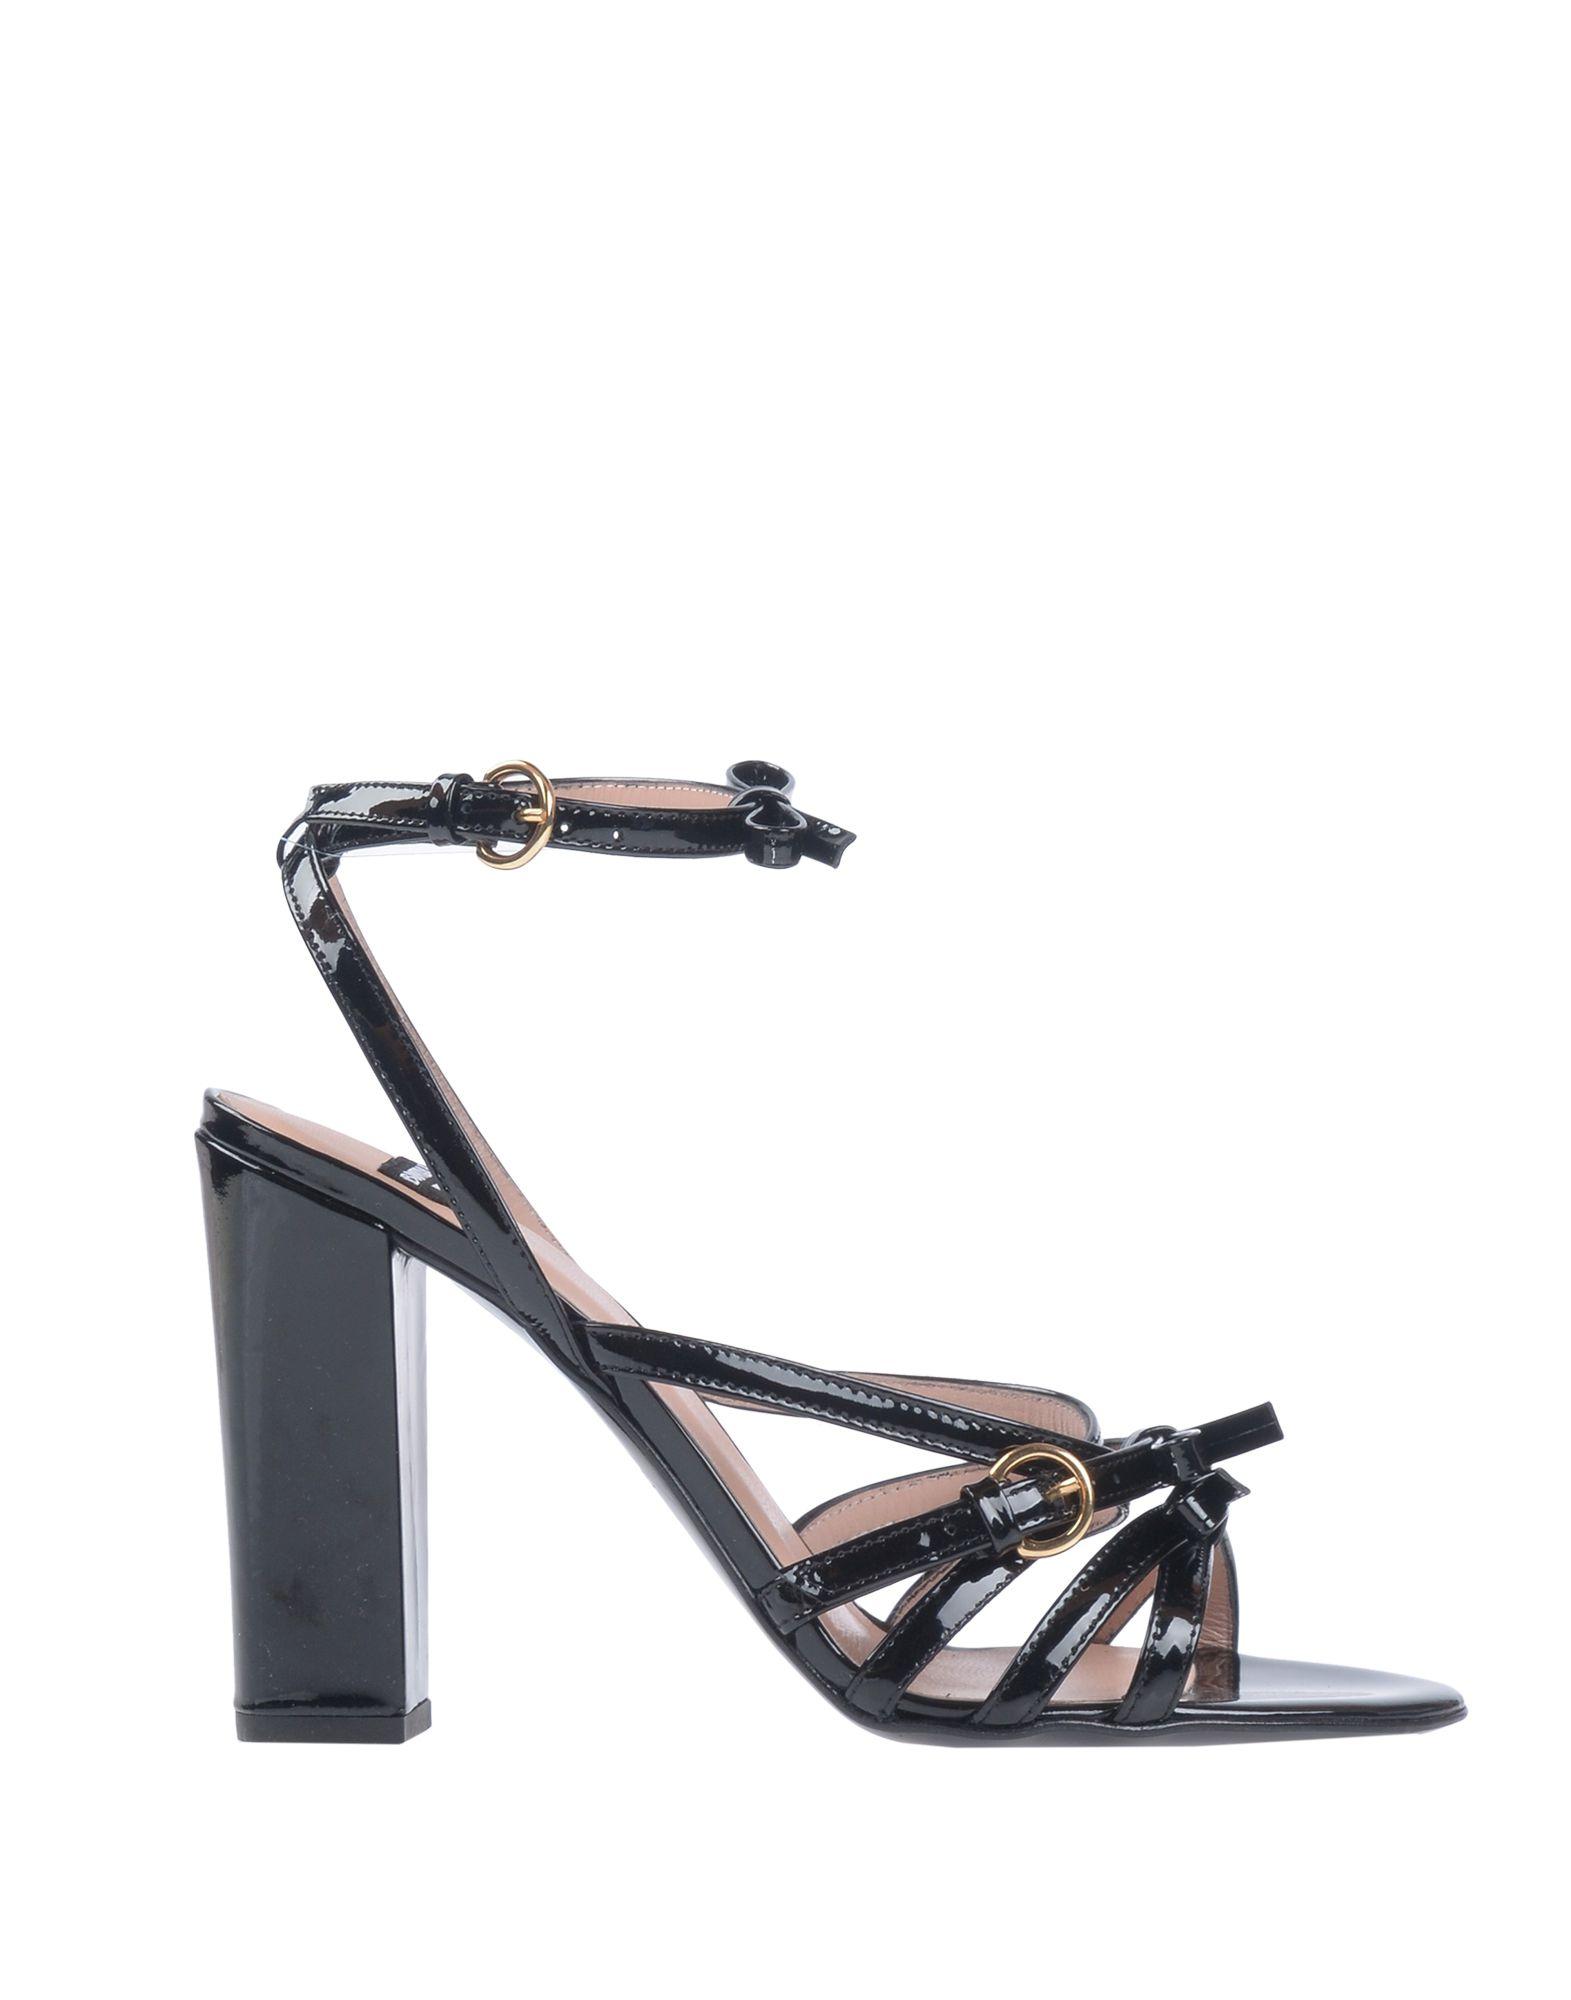 Boutique Sandals Moschino Sandals Boutique - Women Boutique Moschino Sandals online on  Canada - 11535699LU 64099e